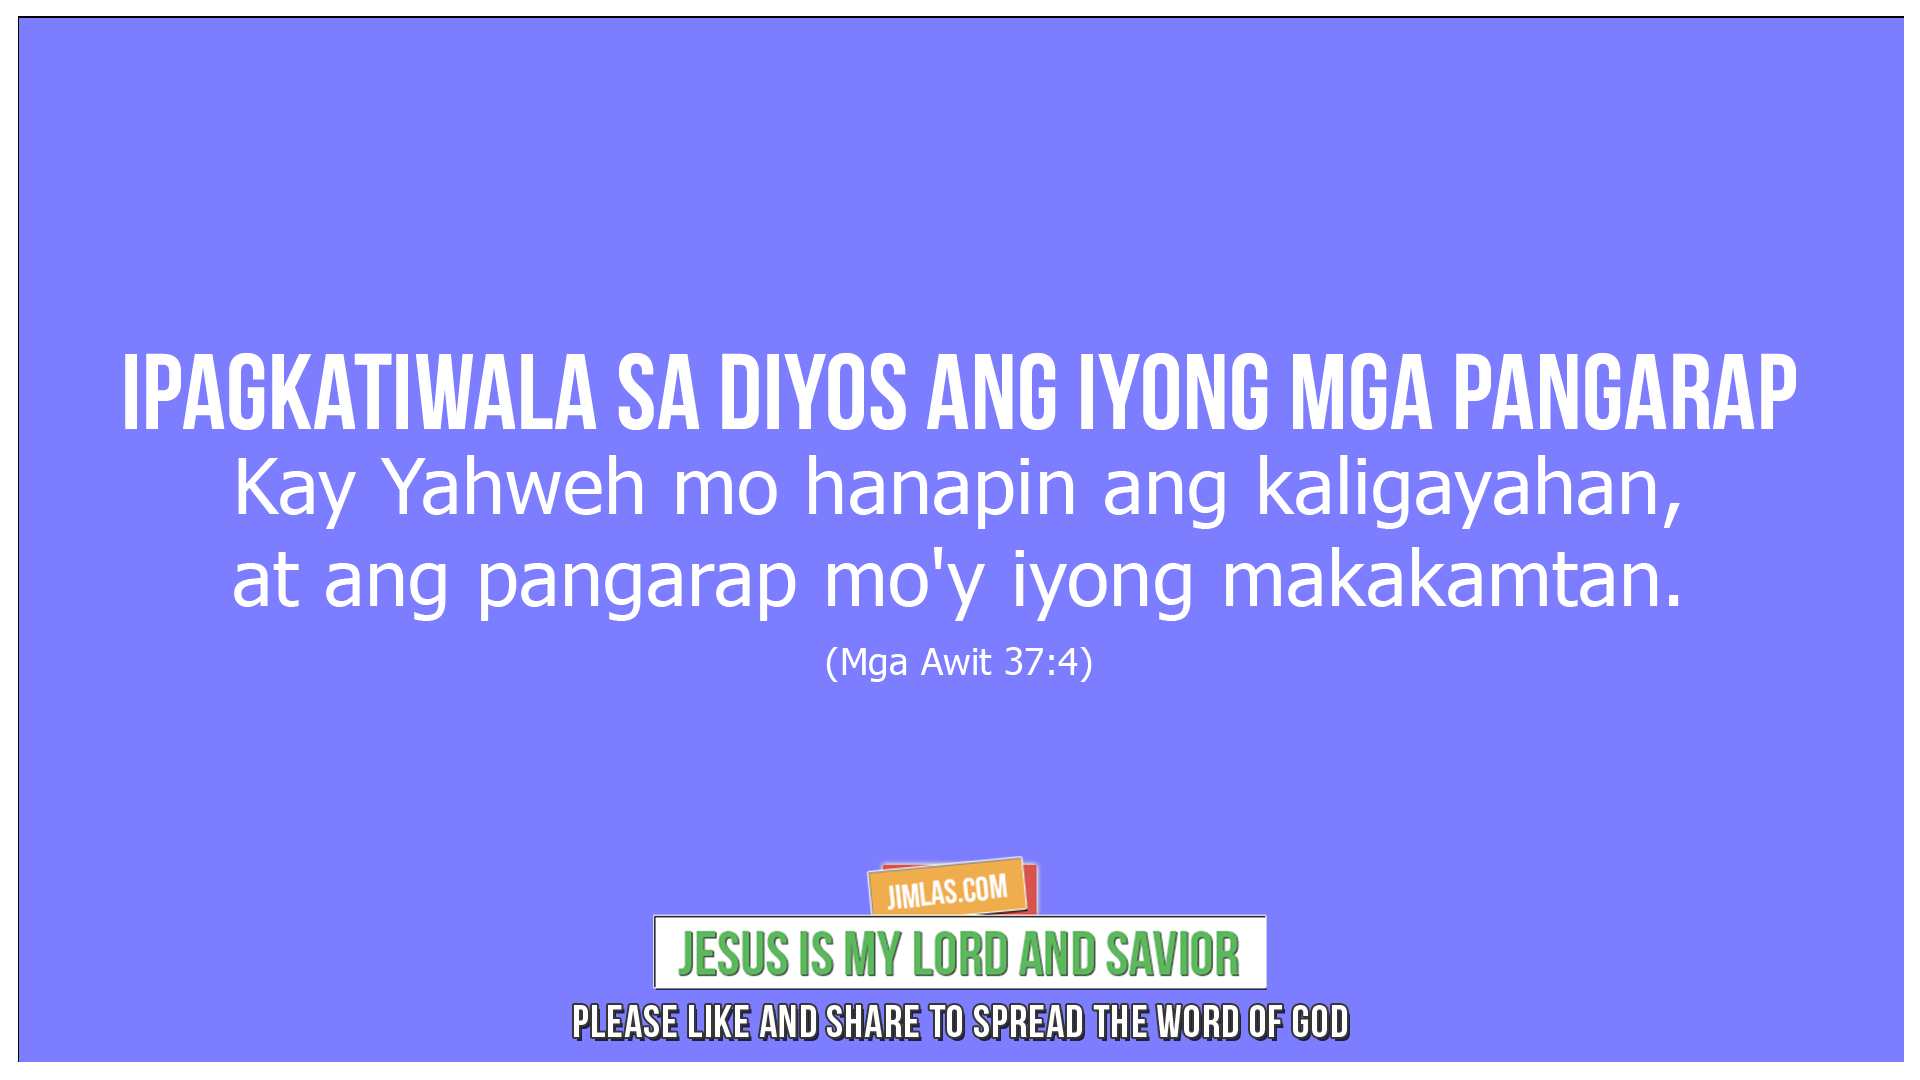 mga awit 37 4, Mga Awit 37:4